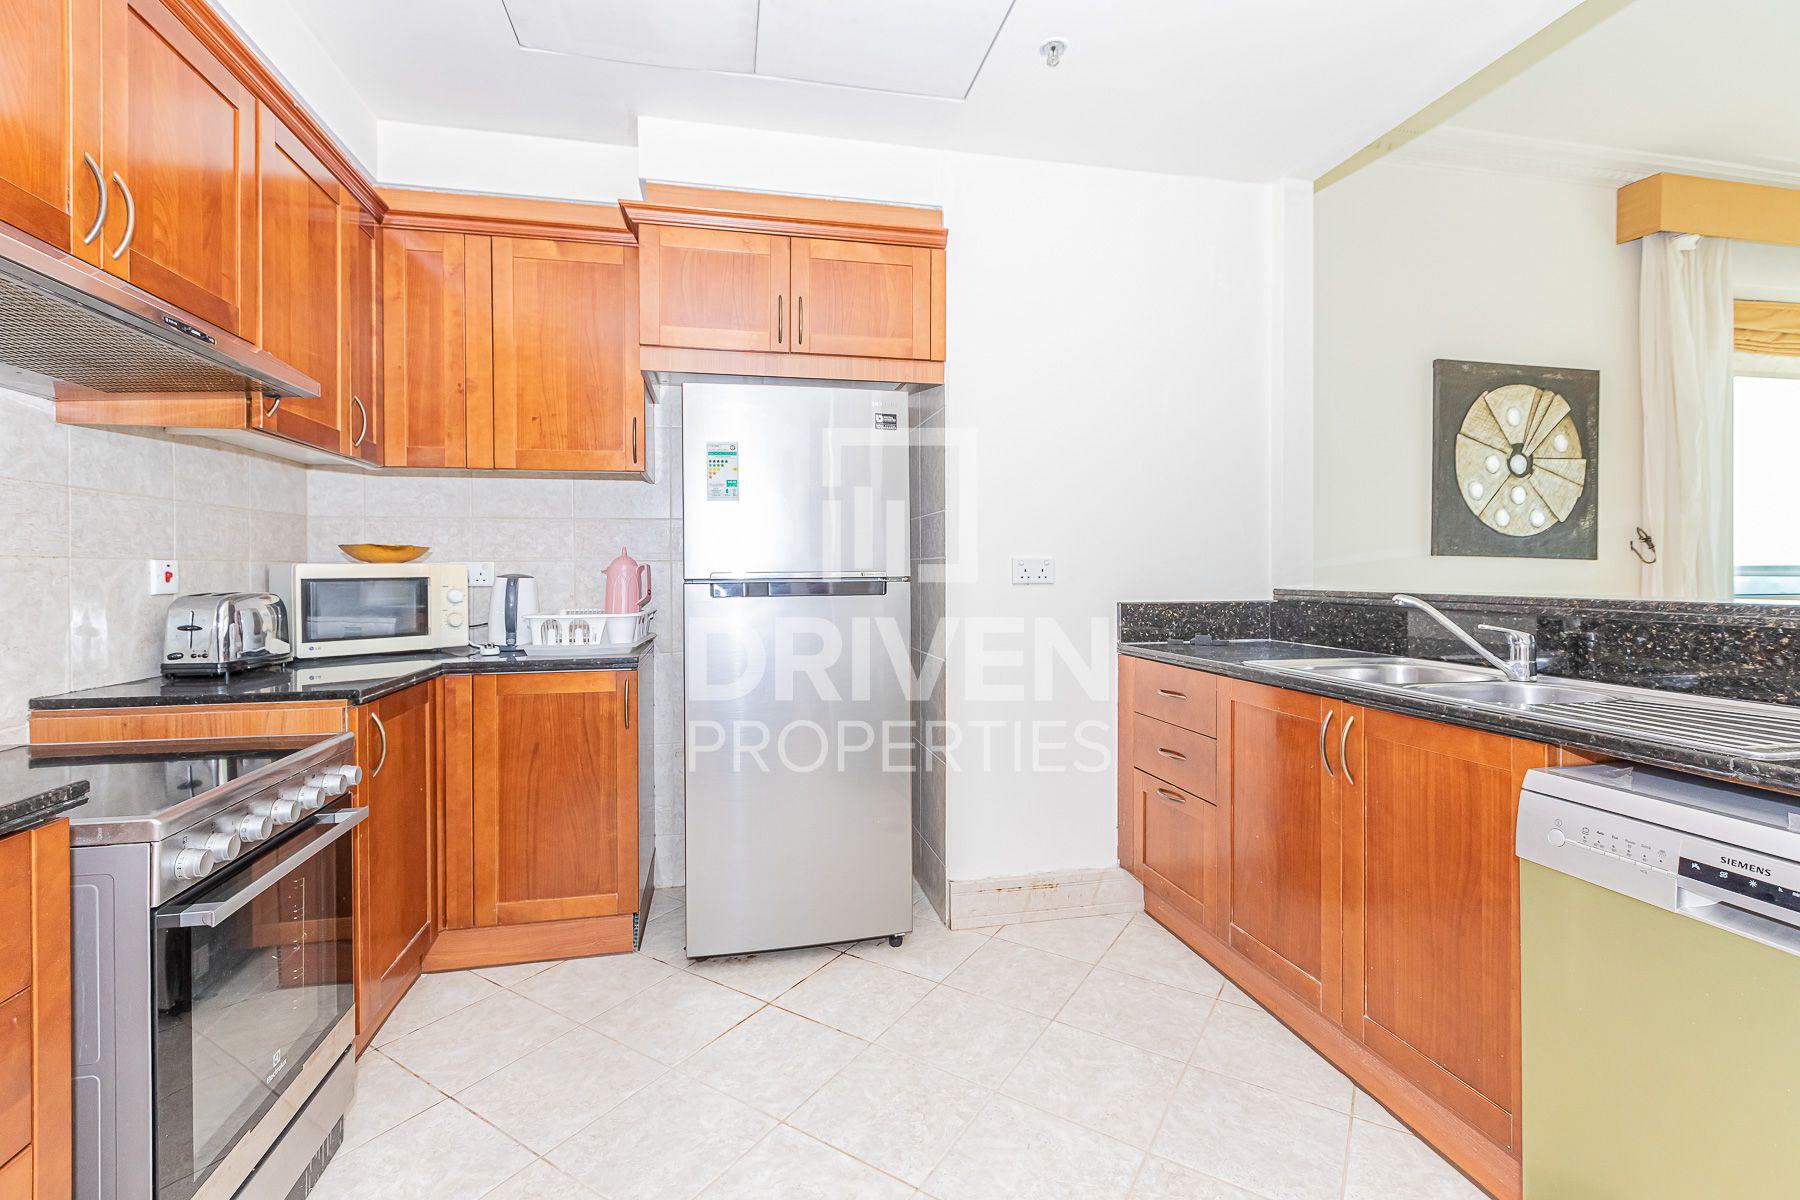 للايجار - شقة - برج المرجان - دبي مارينا